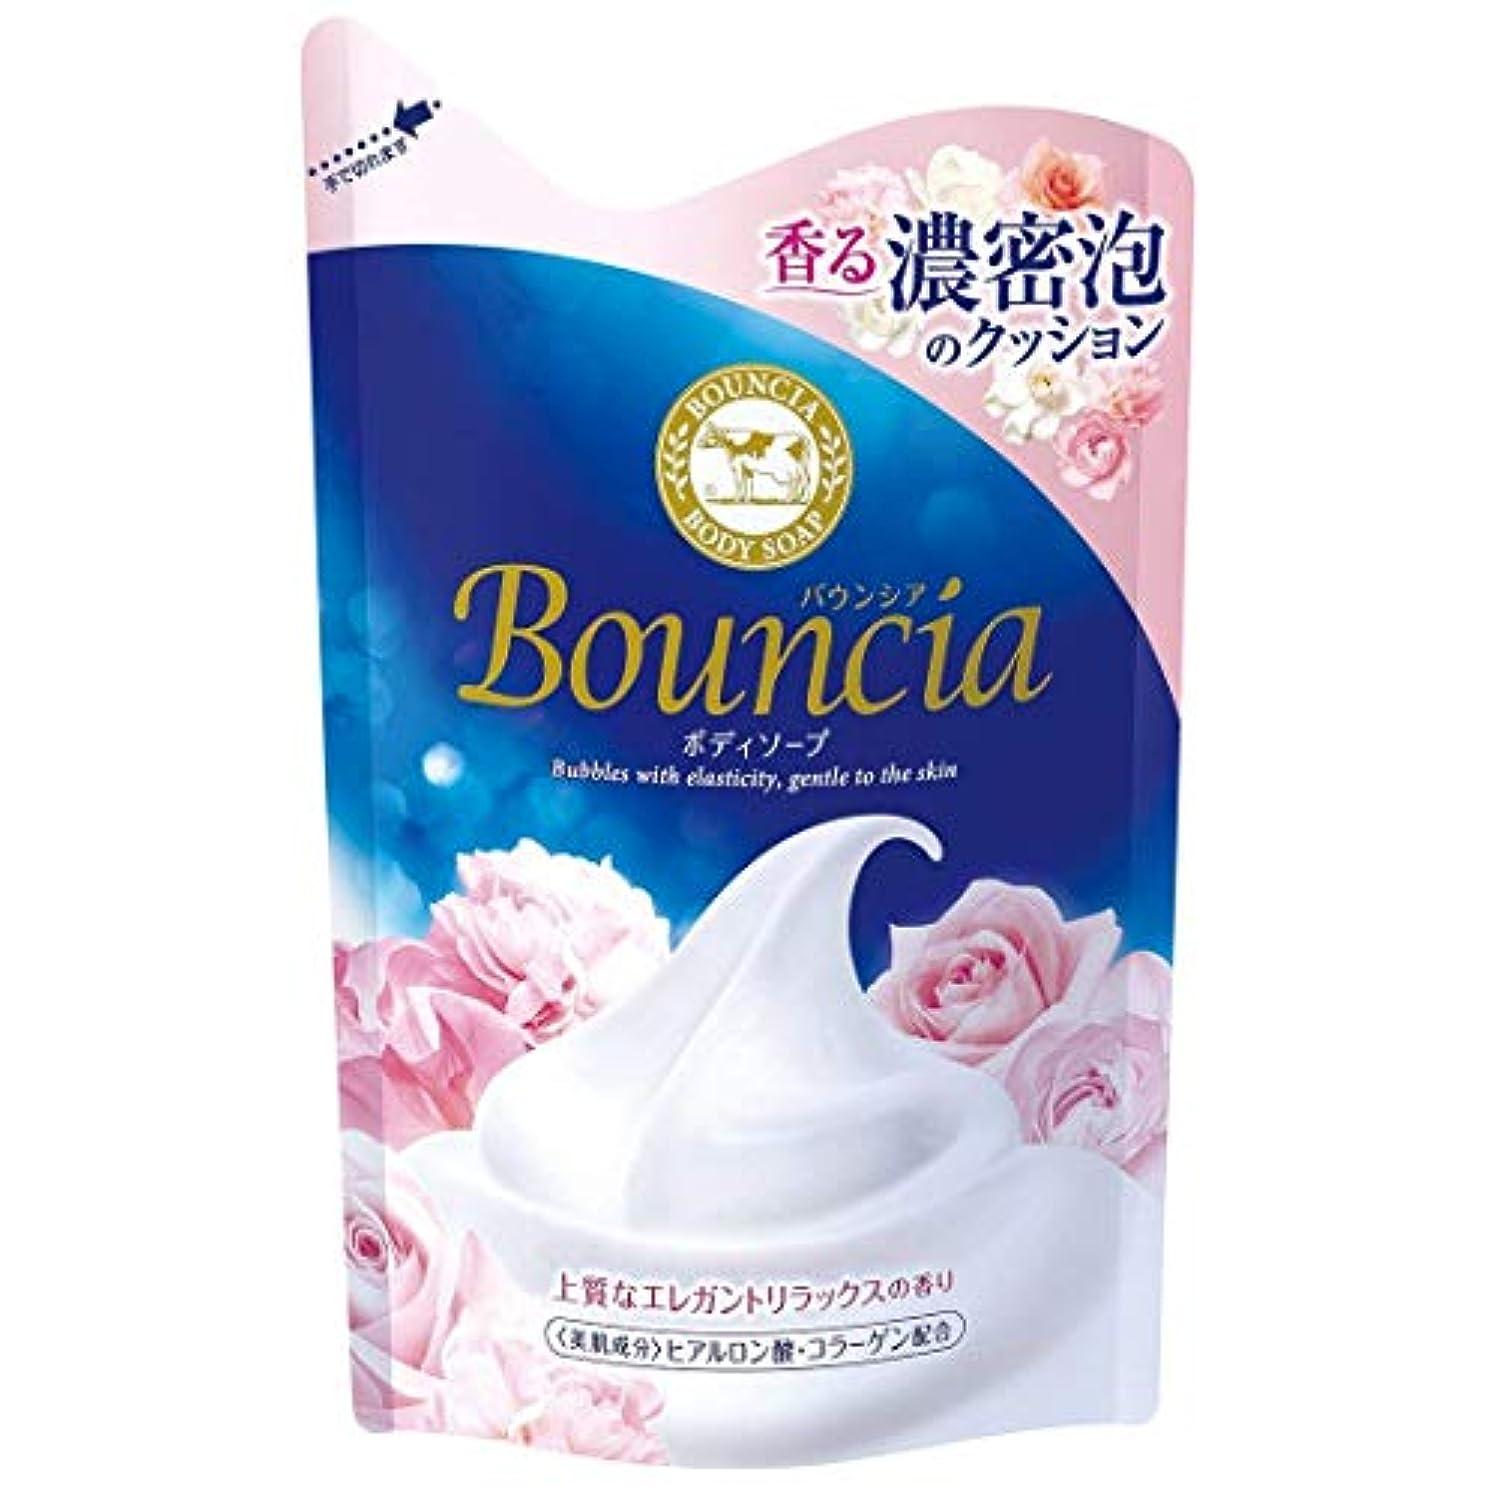 発言する必要征服する【まとめ買い】 バウンシア ボディソープ エレガントリラックスの香り つめかえ用 430ml × 3個